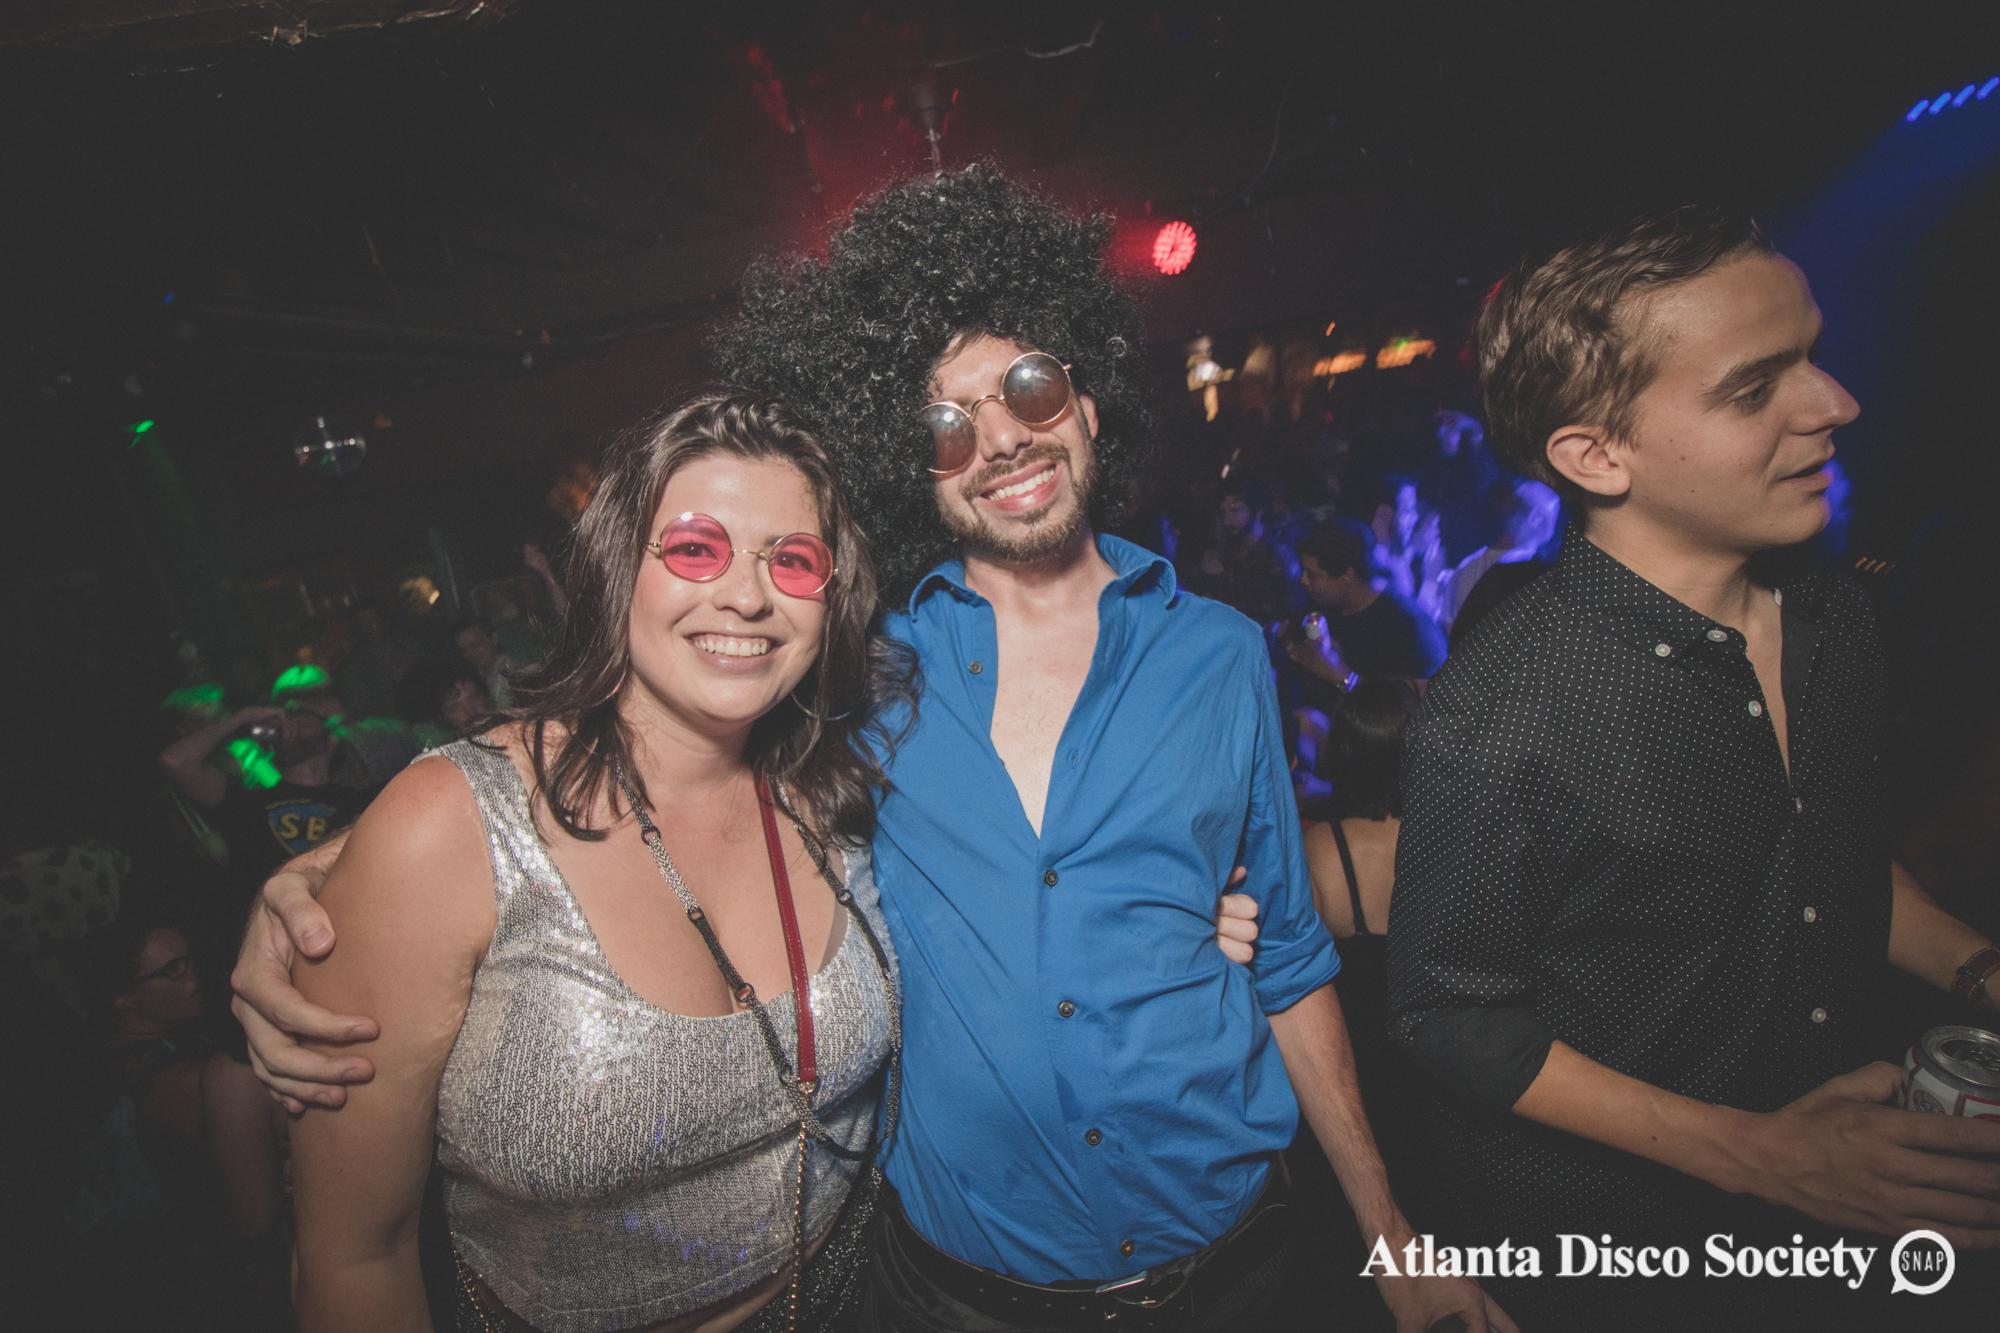 20Atlanta Disco Society Grace Kelly Oh Snap Kid 7.27.19.jpg